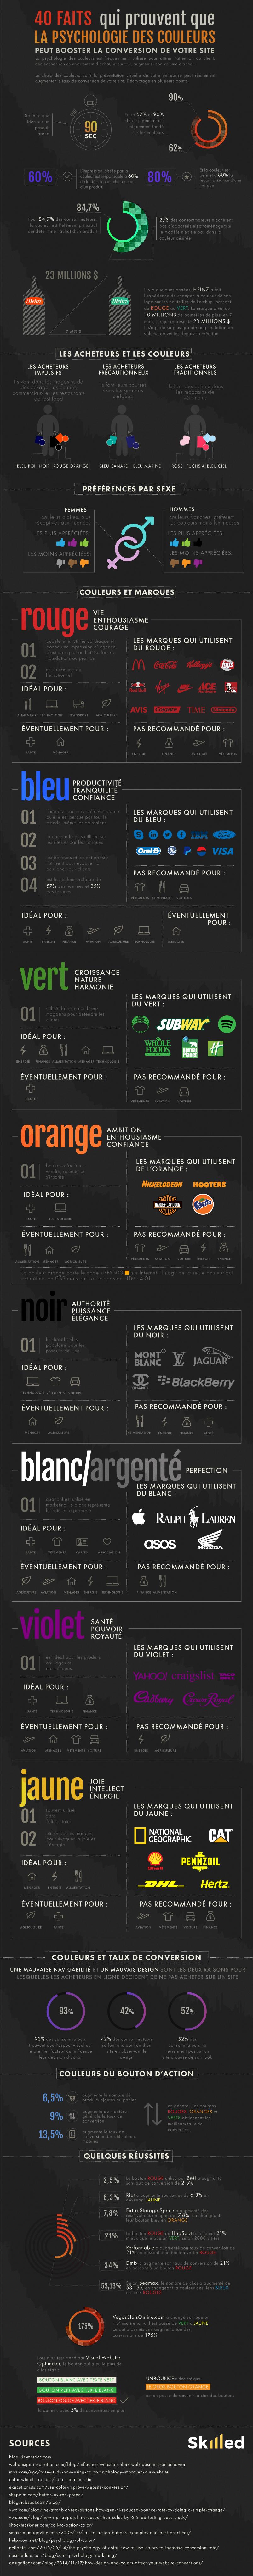 infographie-sur-la-psychologie-couleurs